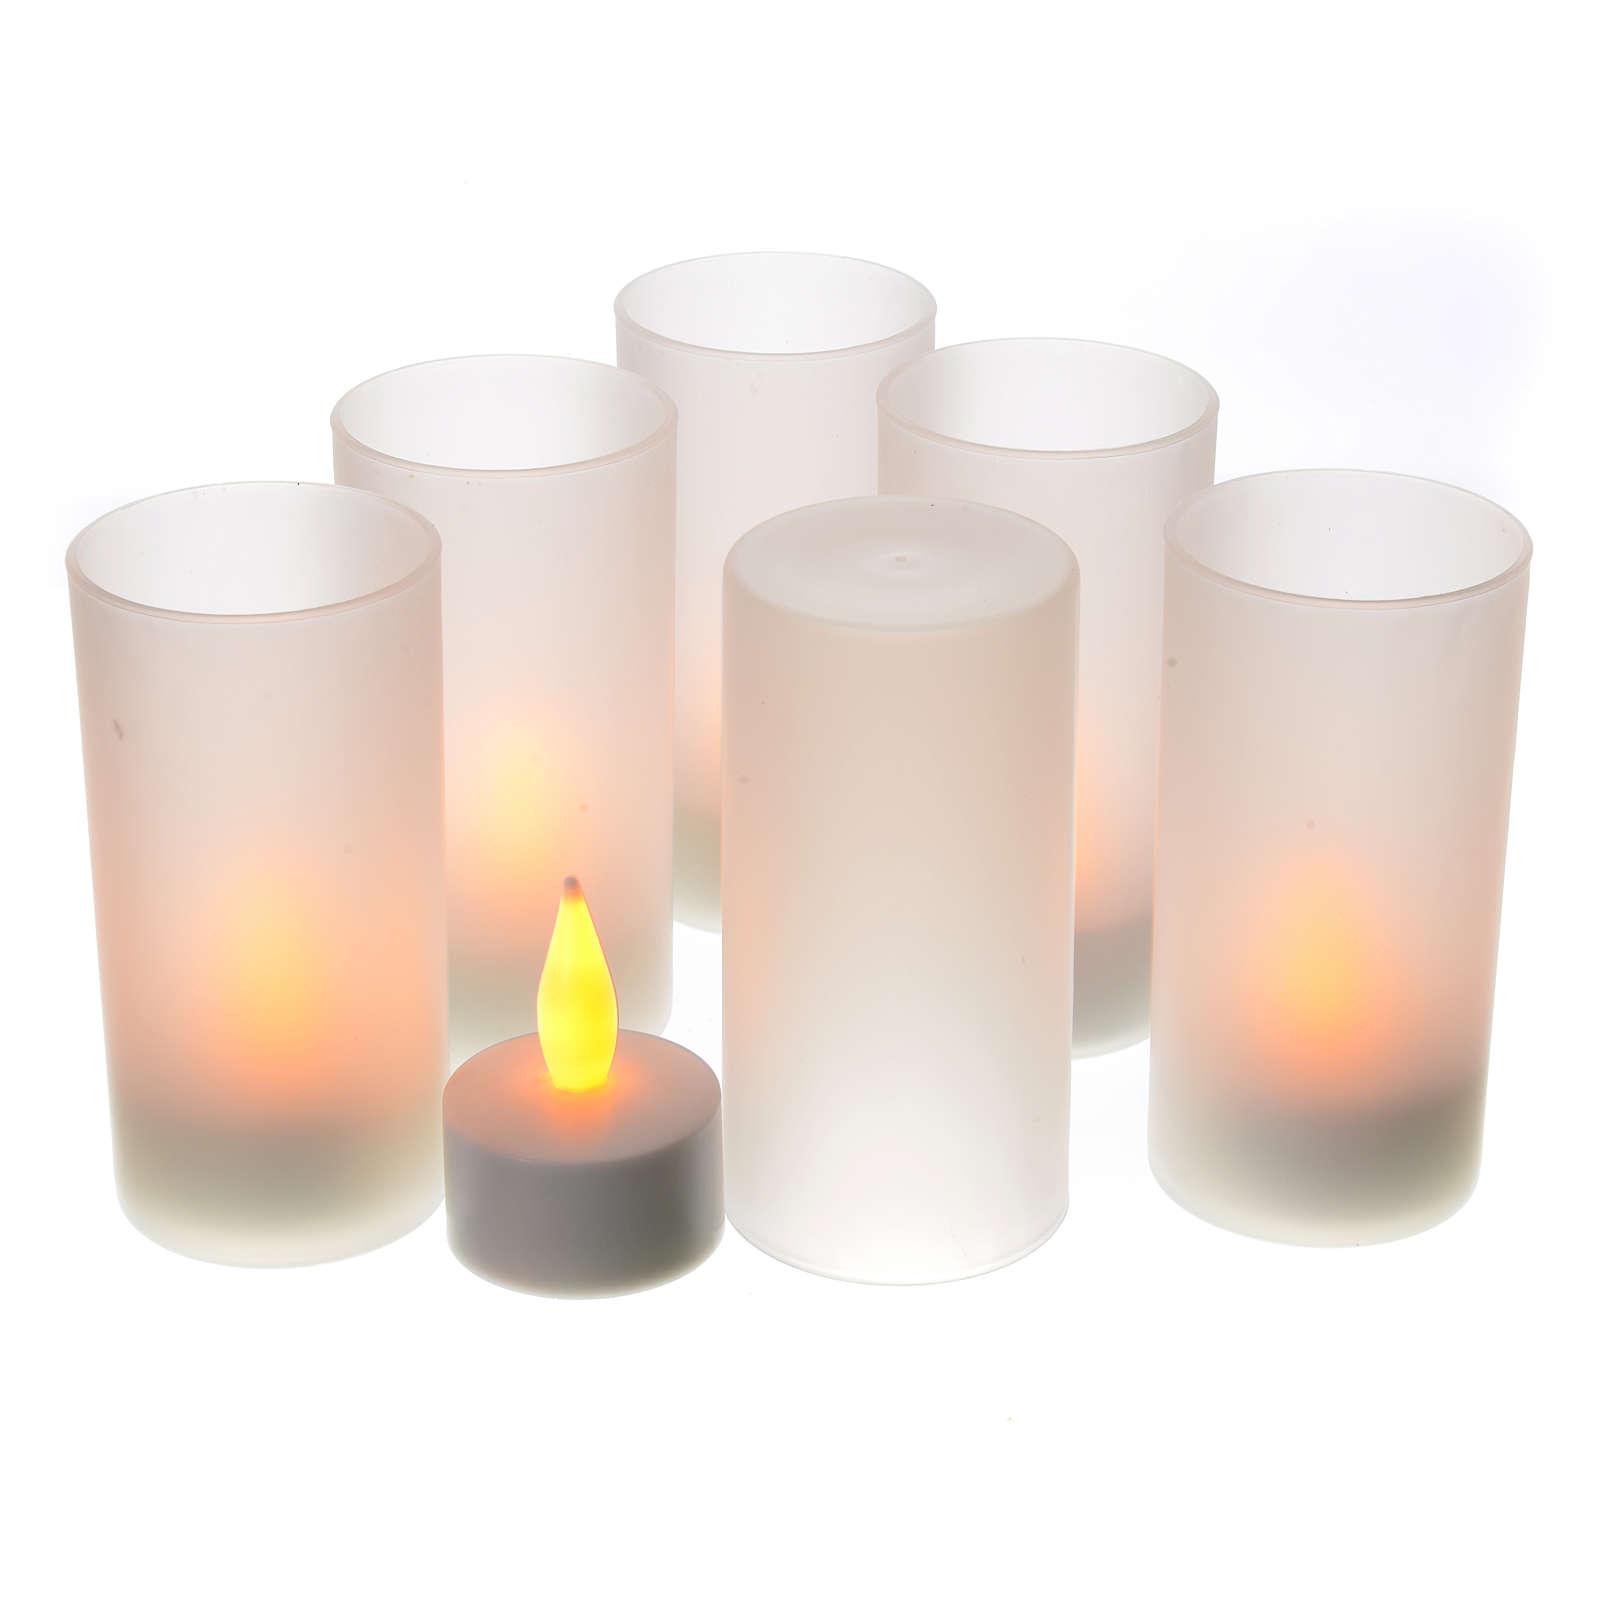 Tea light votive candles, rechargeable LED light, 6 pcs 3